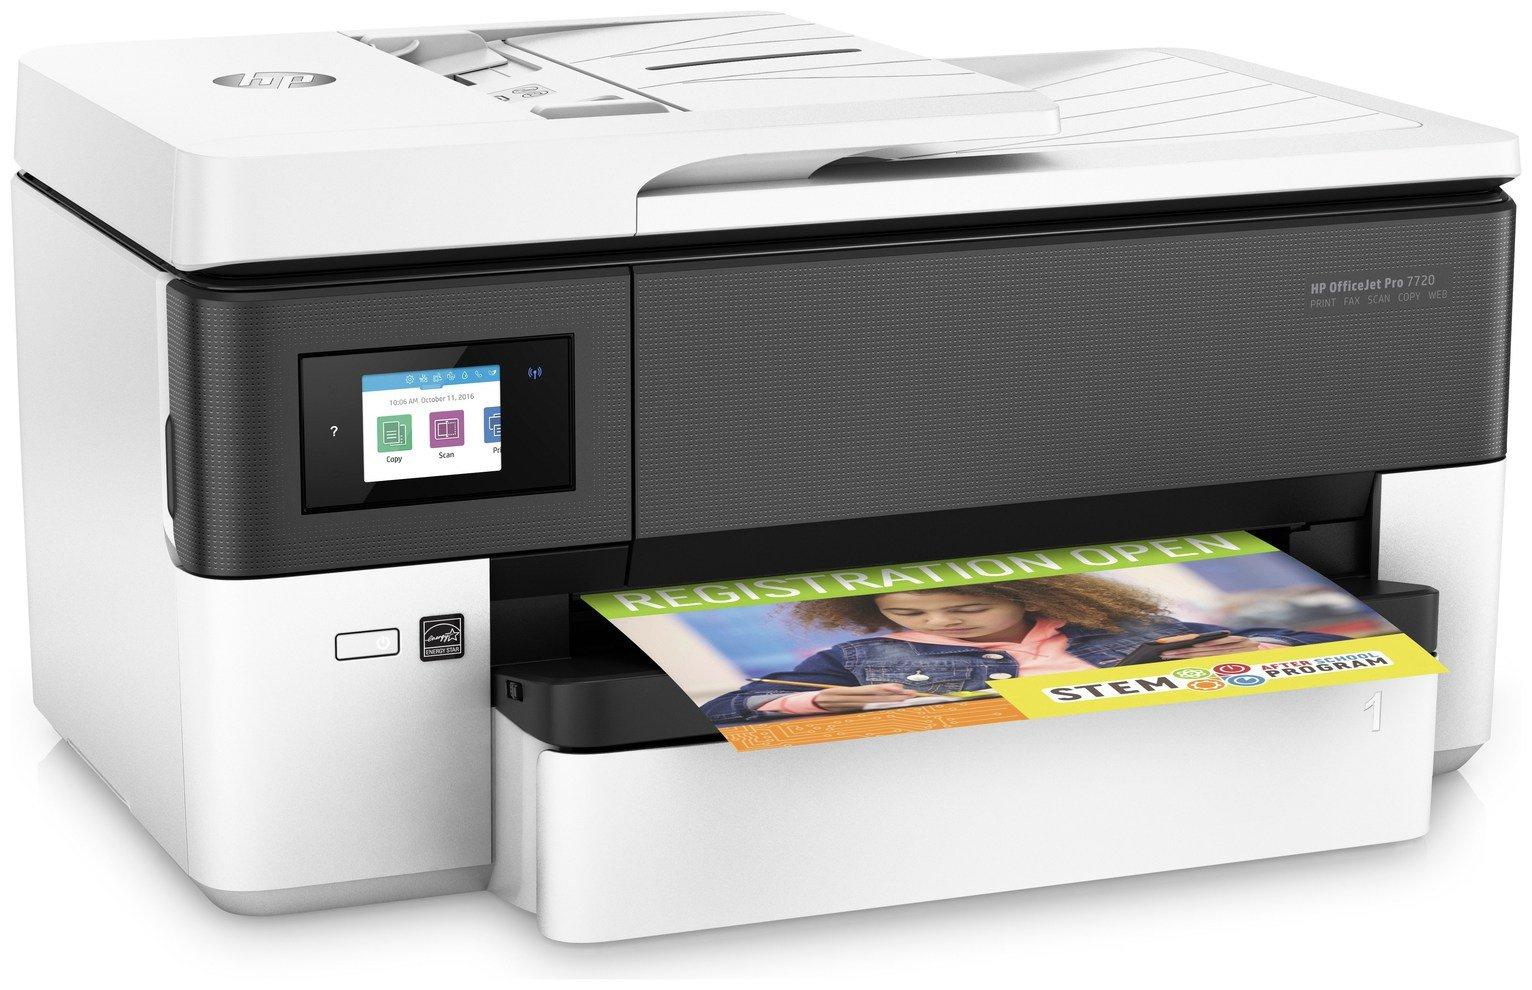 HP OfficeJet Pro 7720 - A3 Wireless Inkjet Printer £79.99 @ Argos (+£20 cashback from HP)